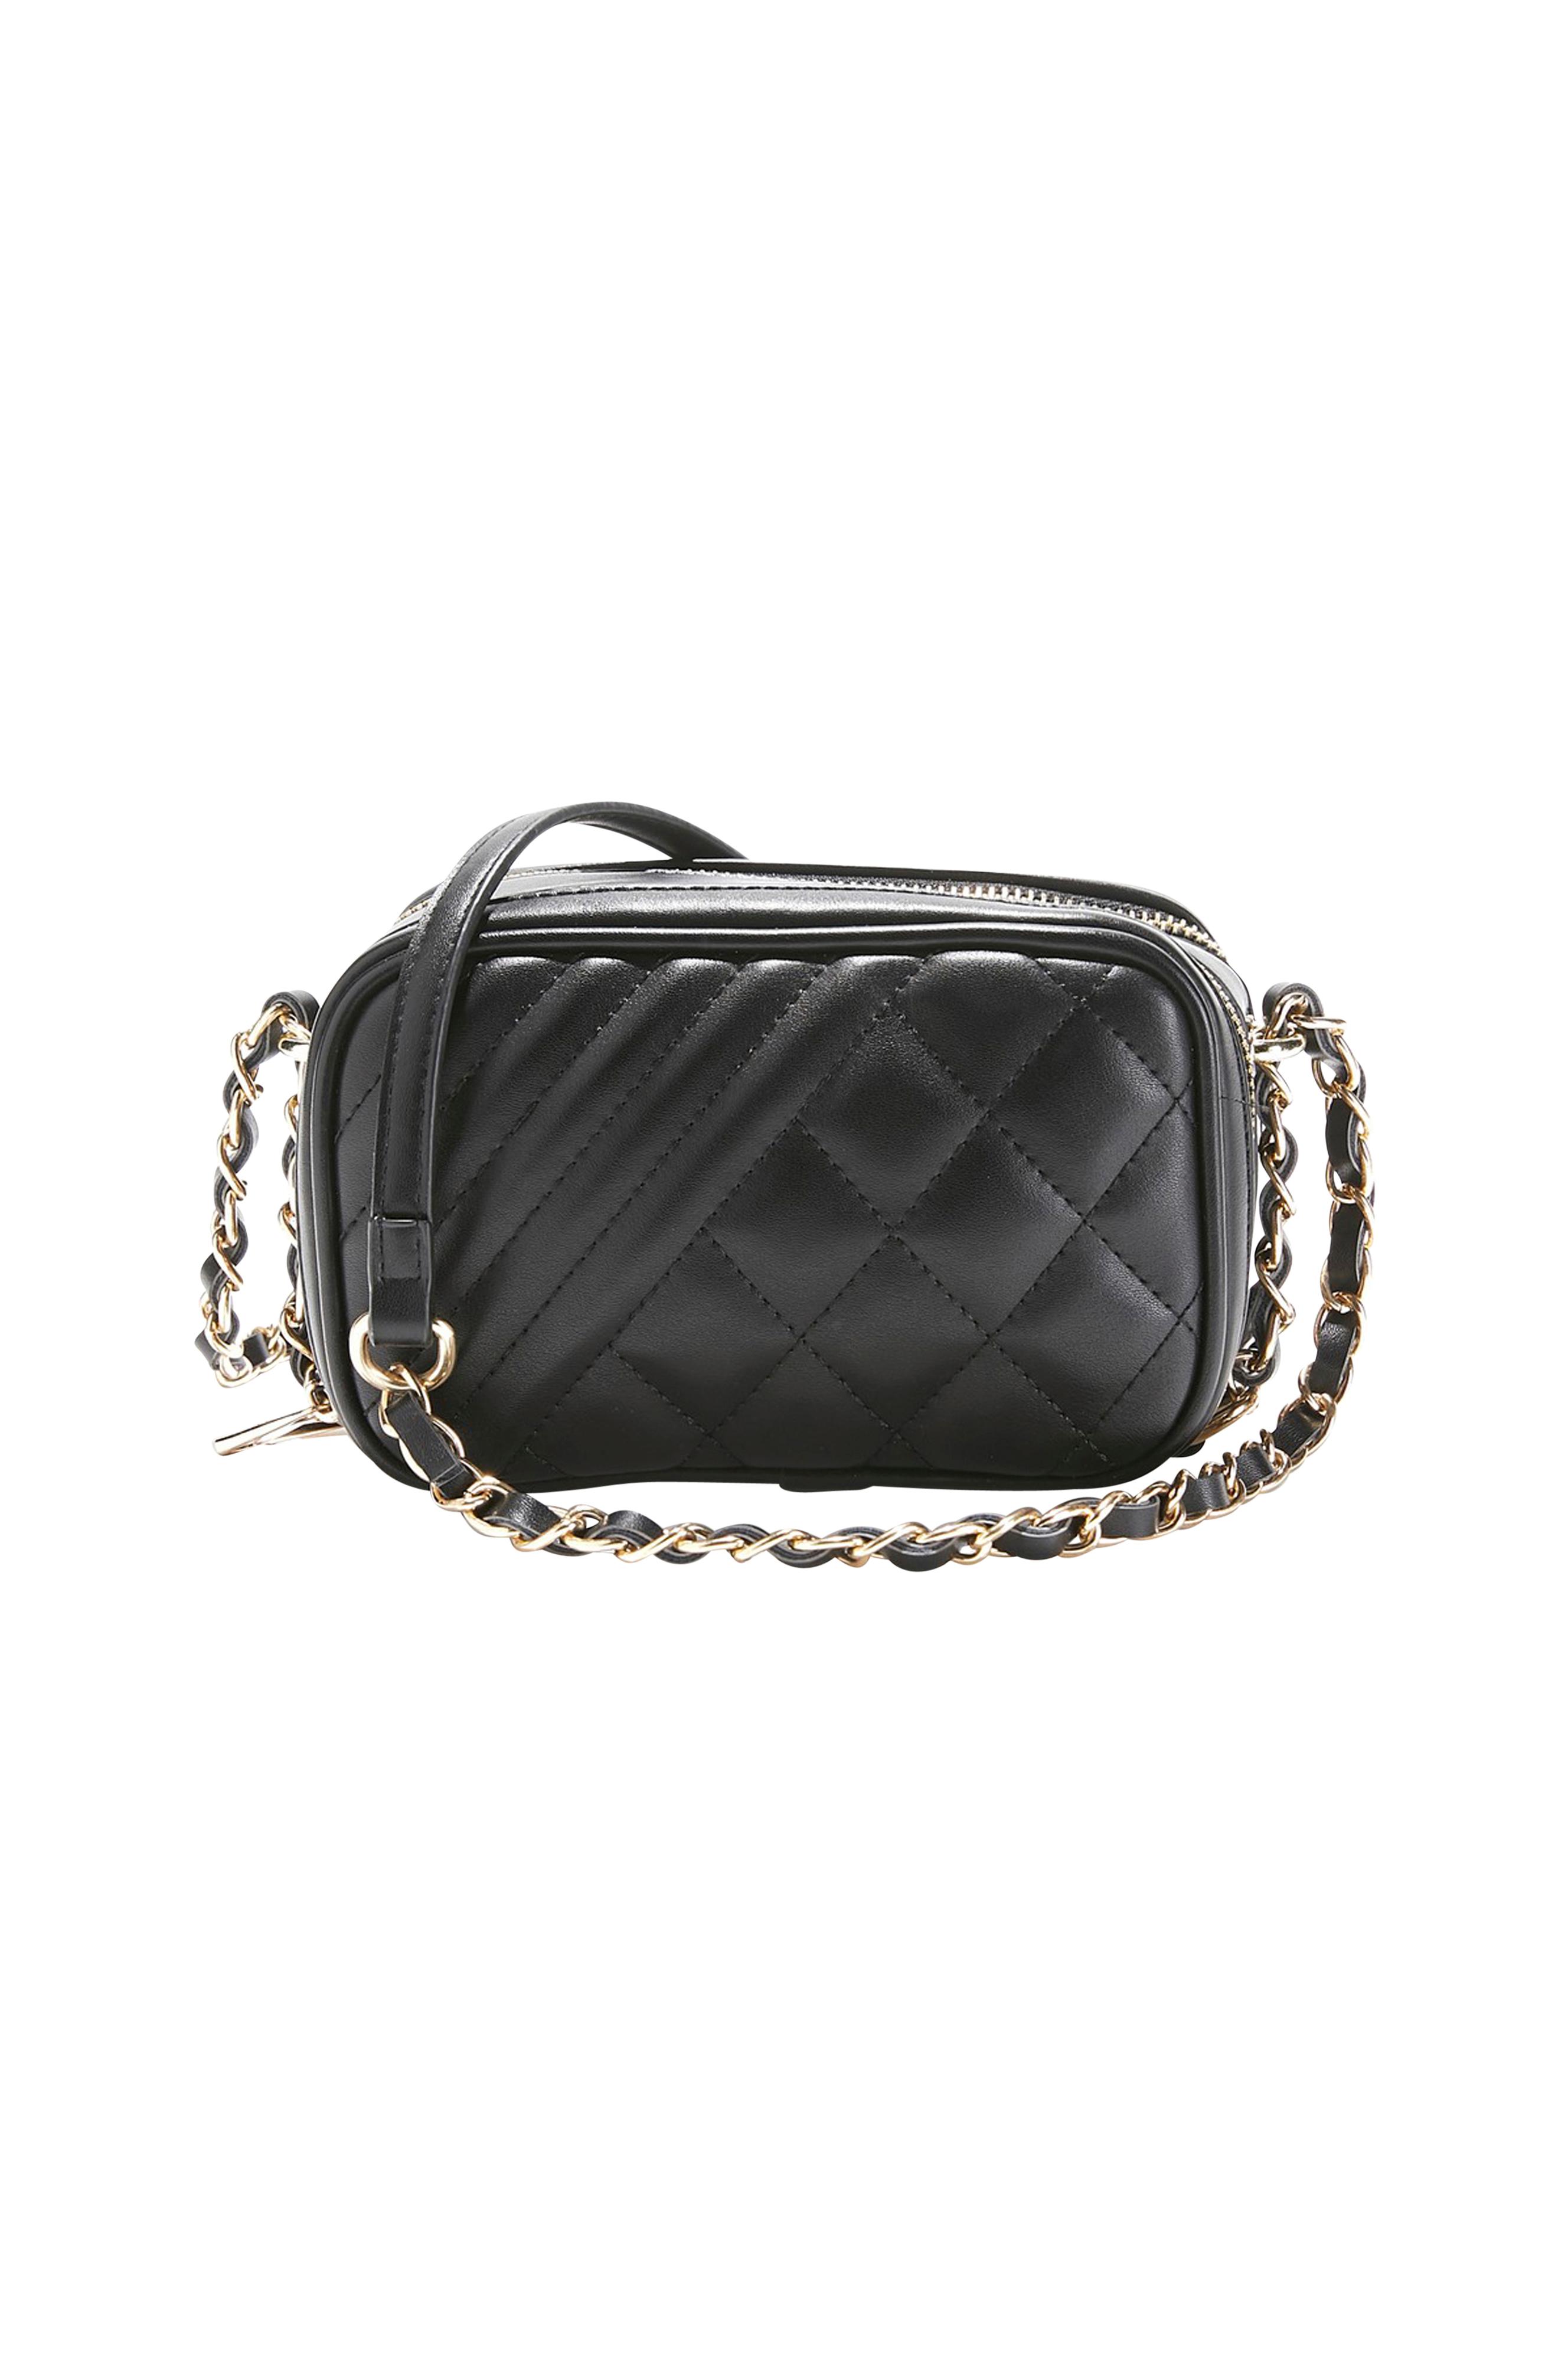 Mademoiselle väska liten svart